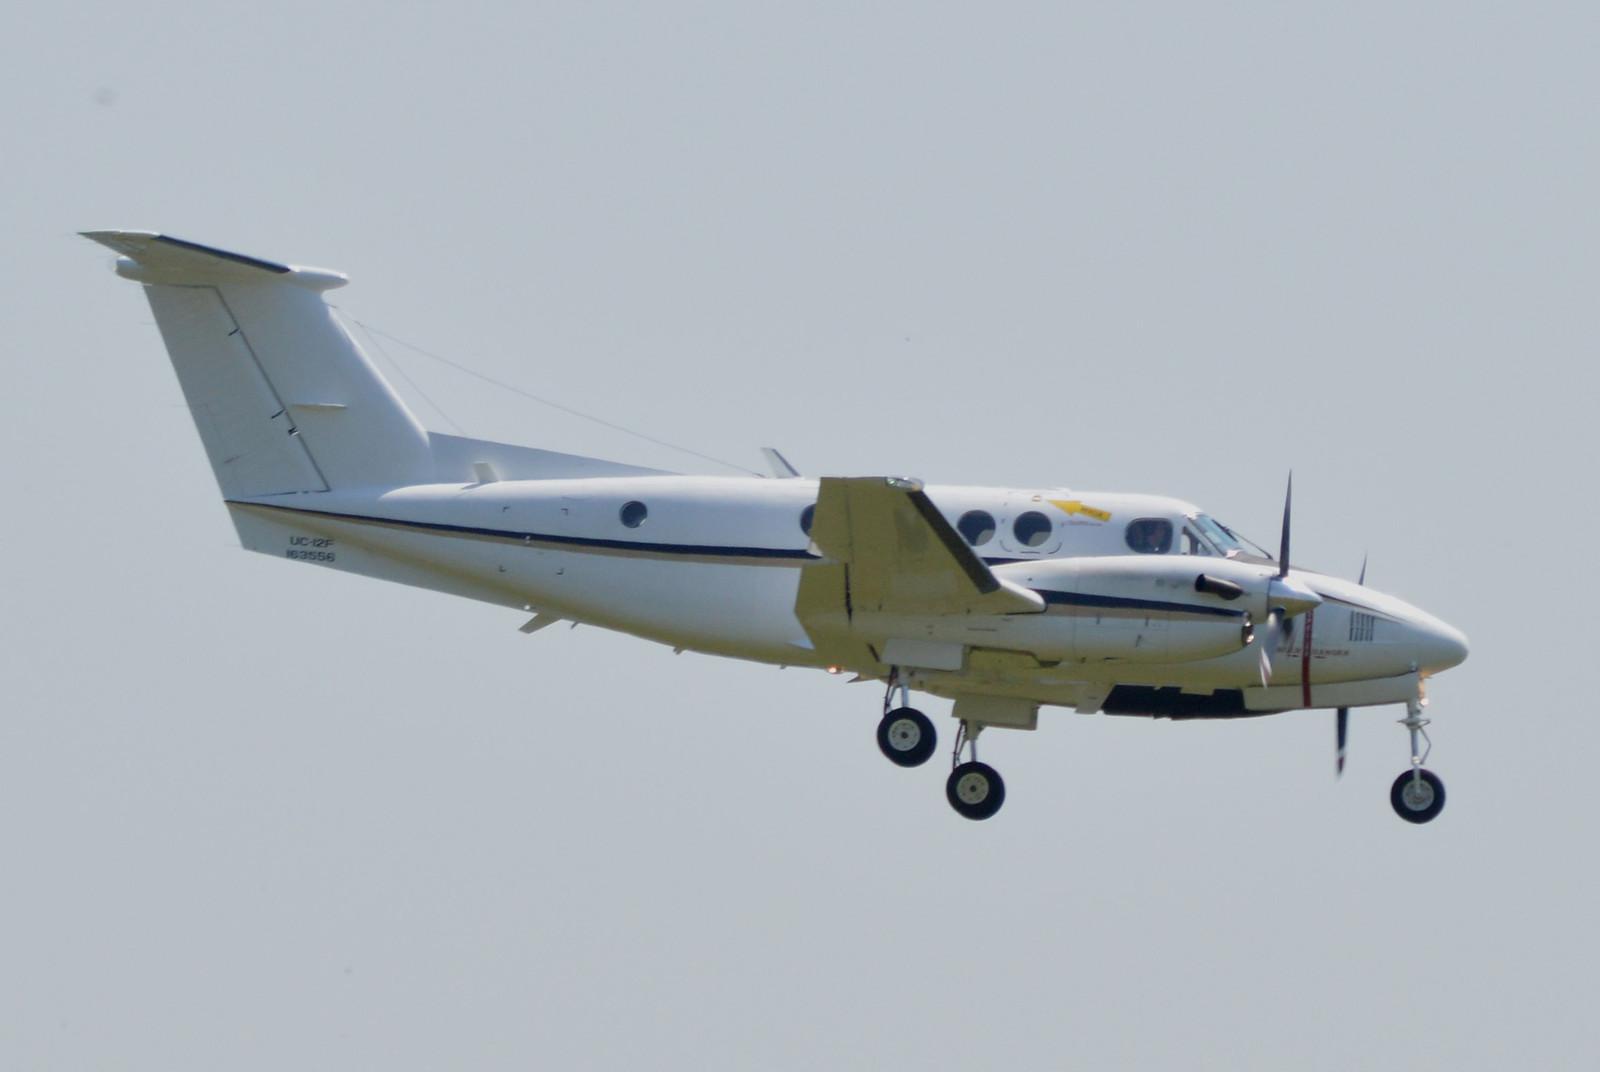 Uc12f150502g121